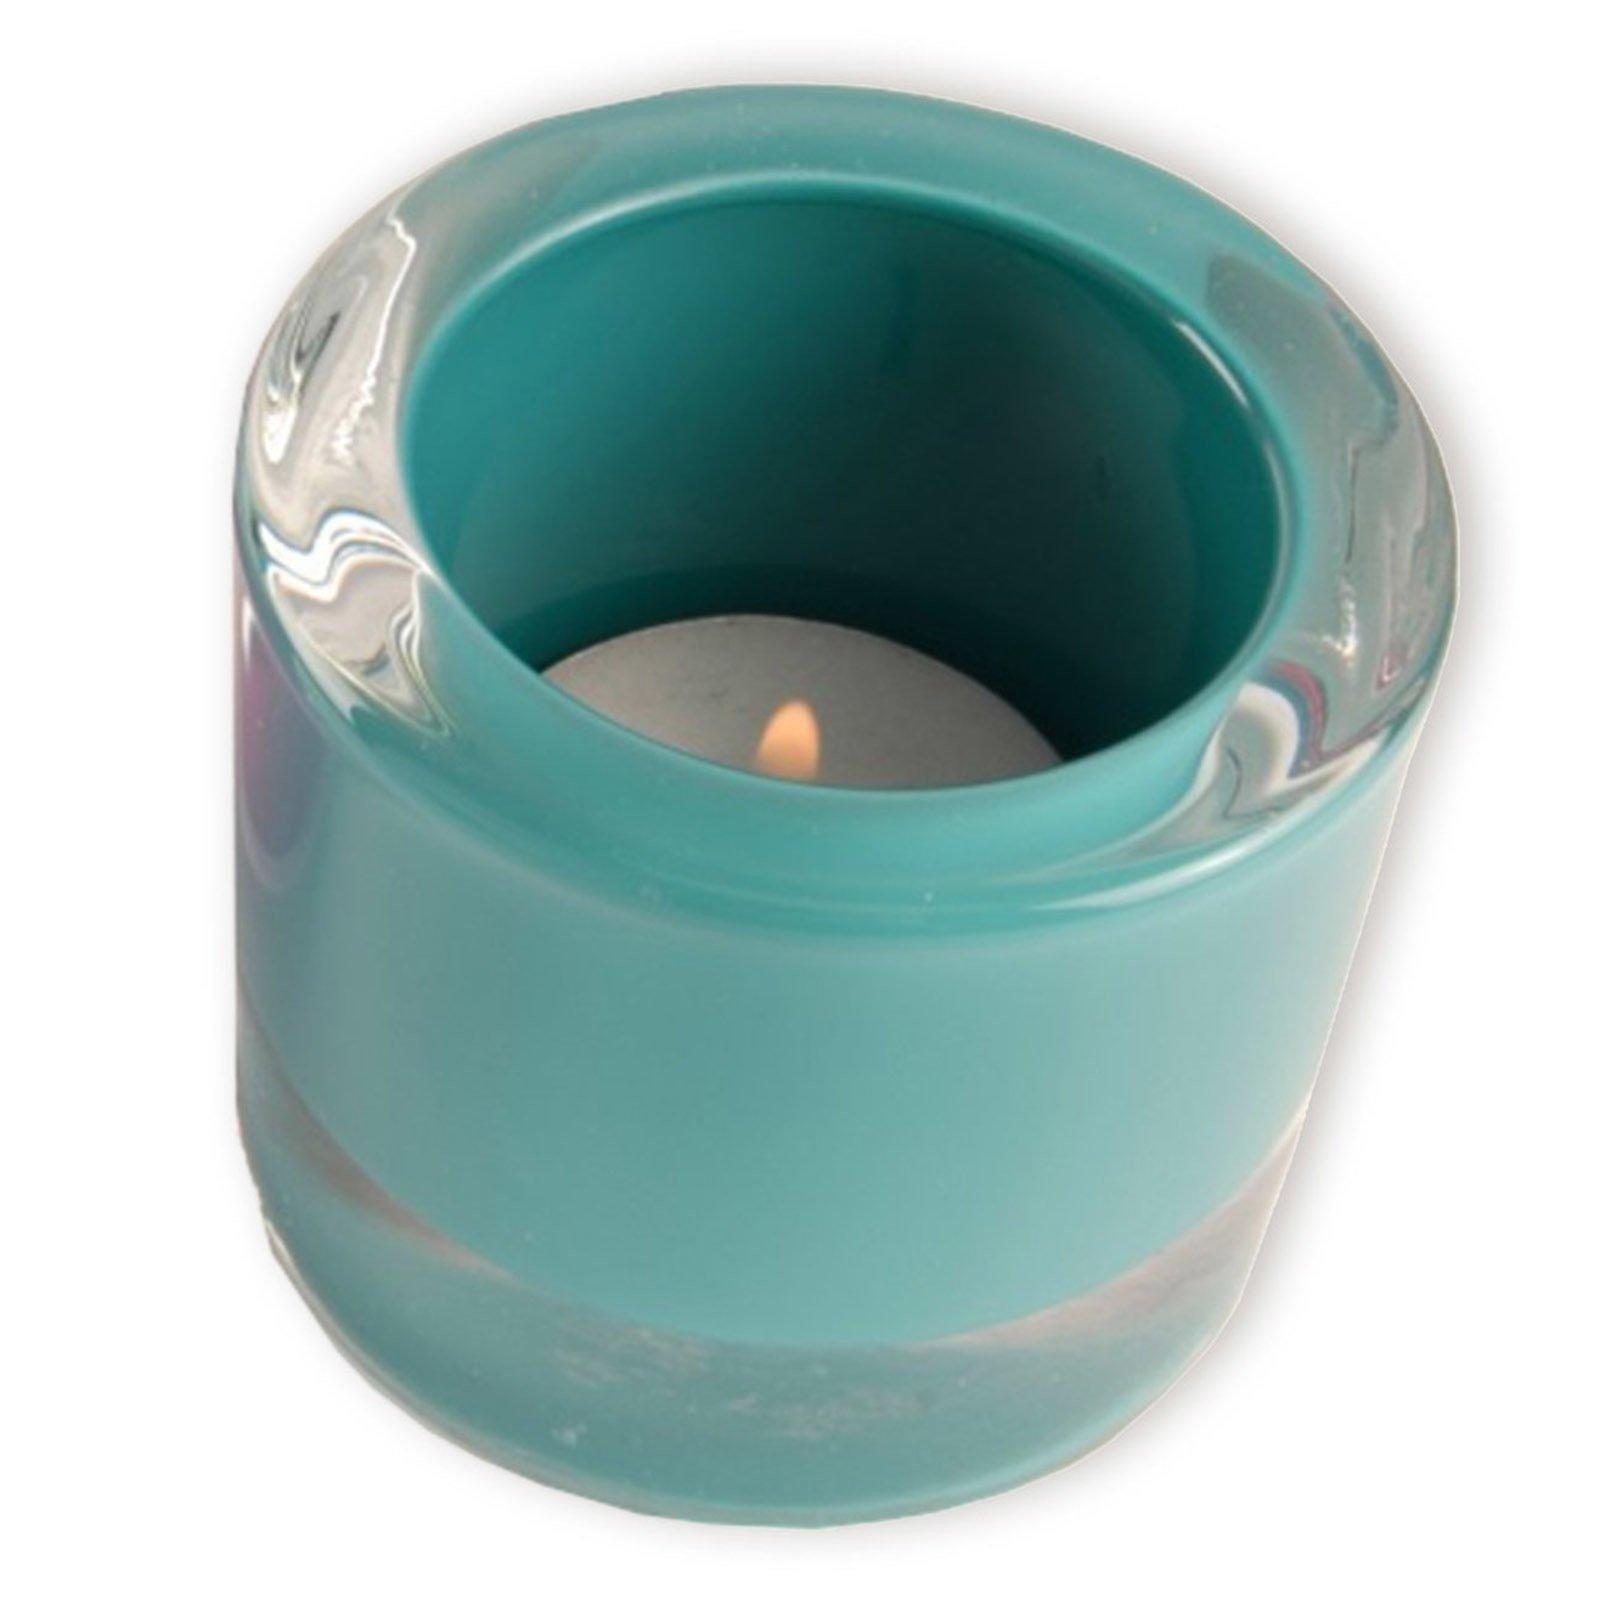 Glas-Windlicht - türkis - Ø 6,5 cm